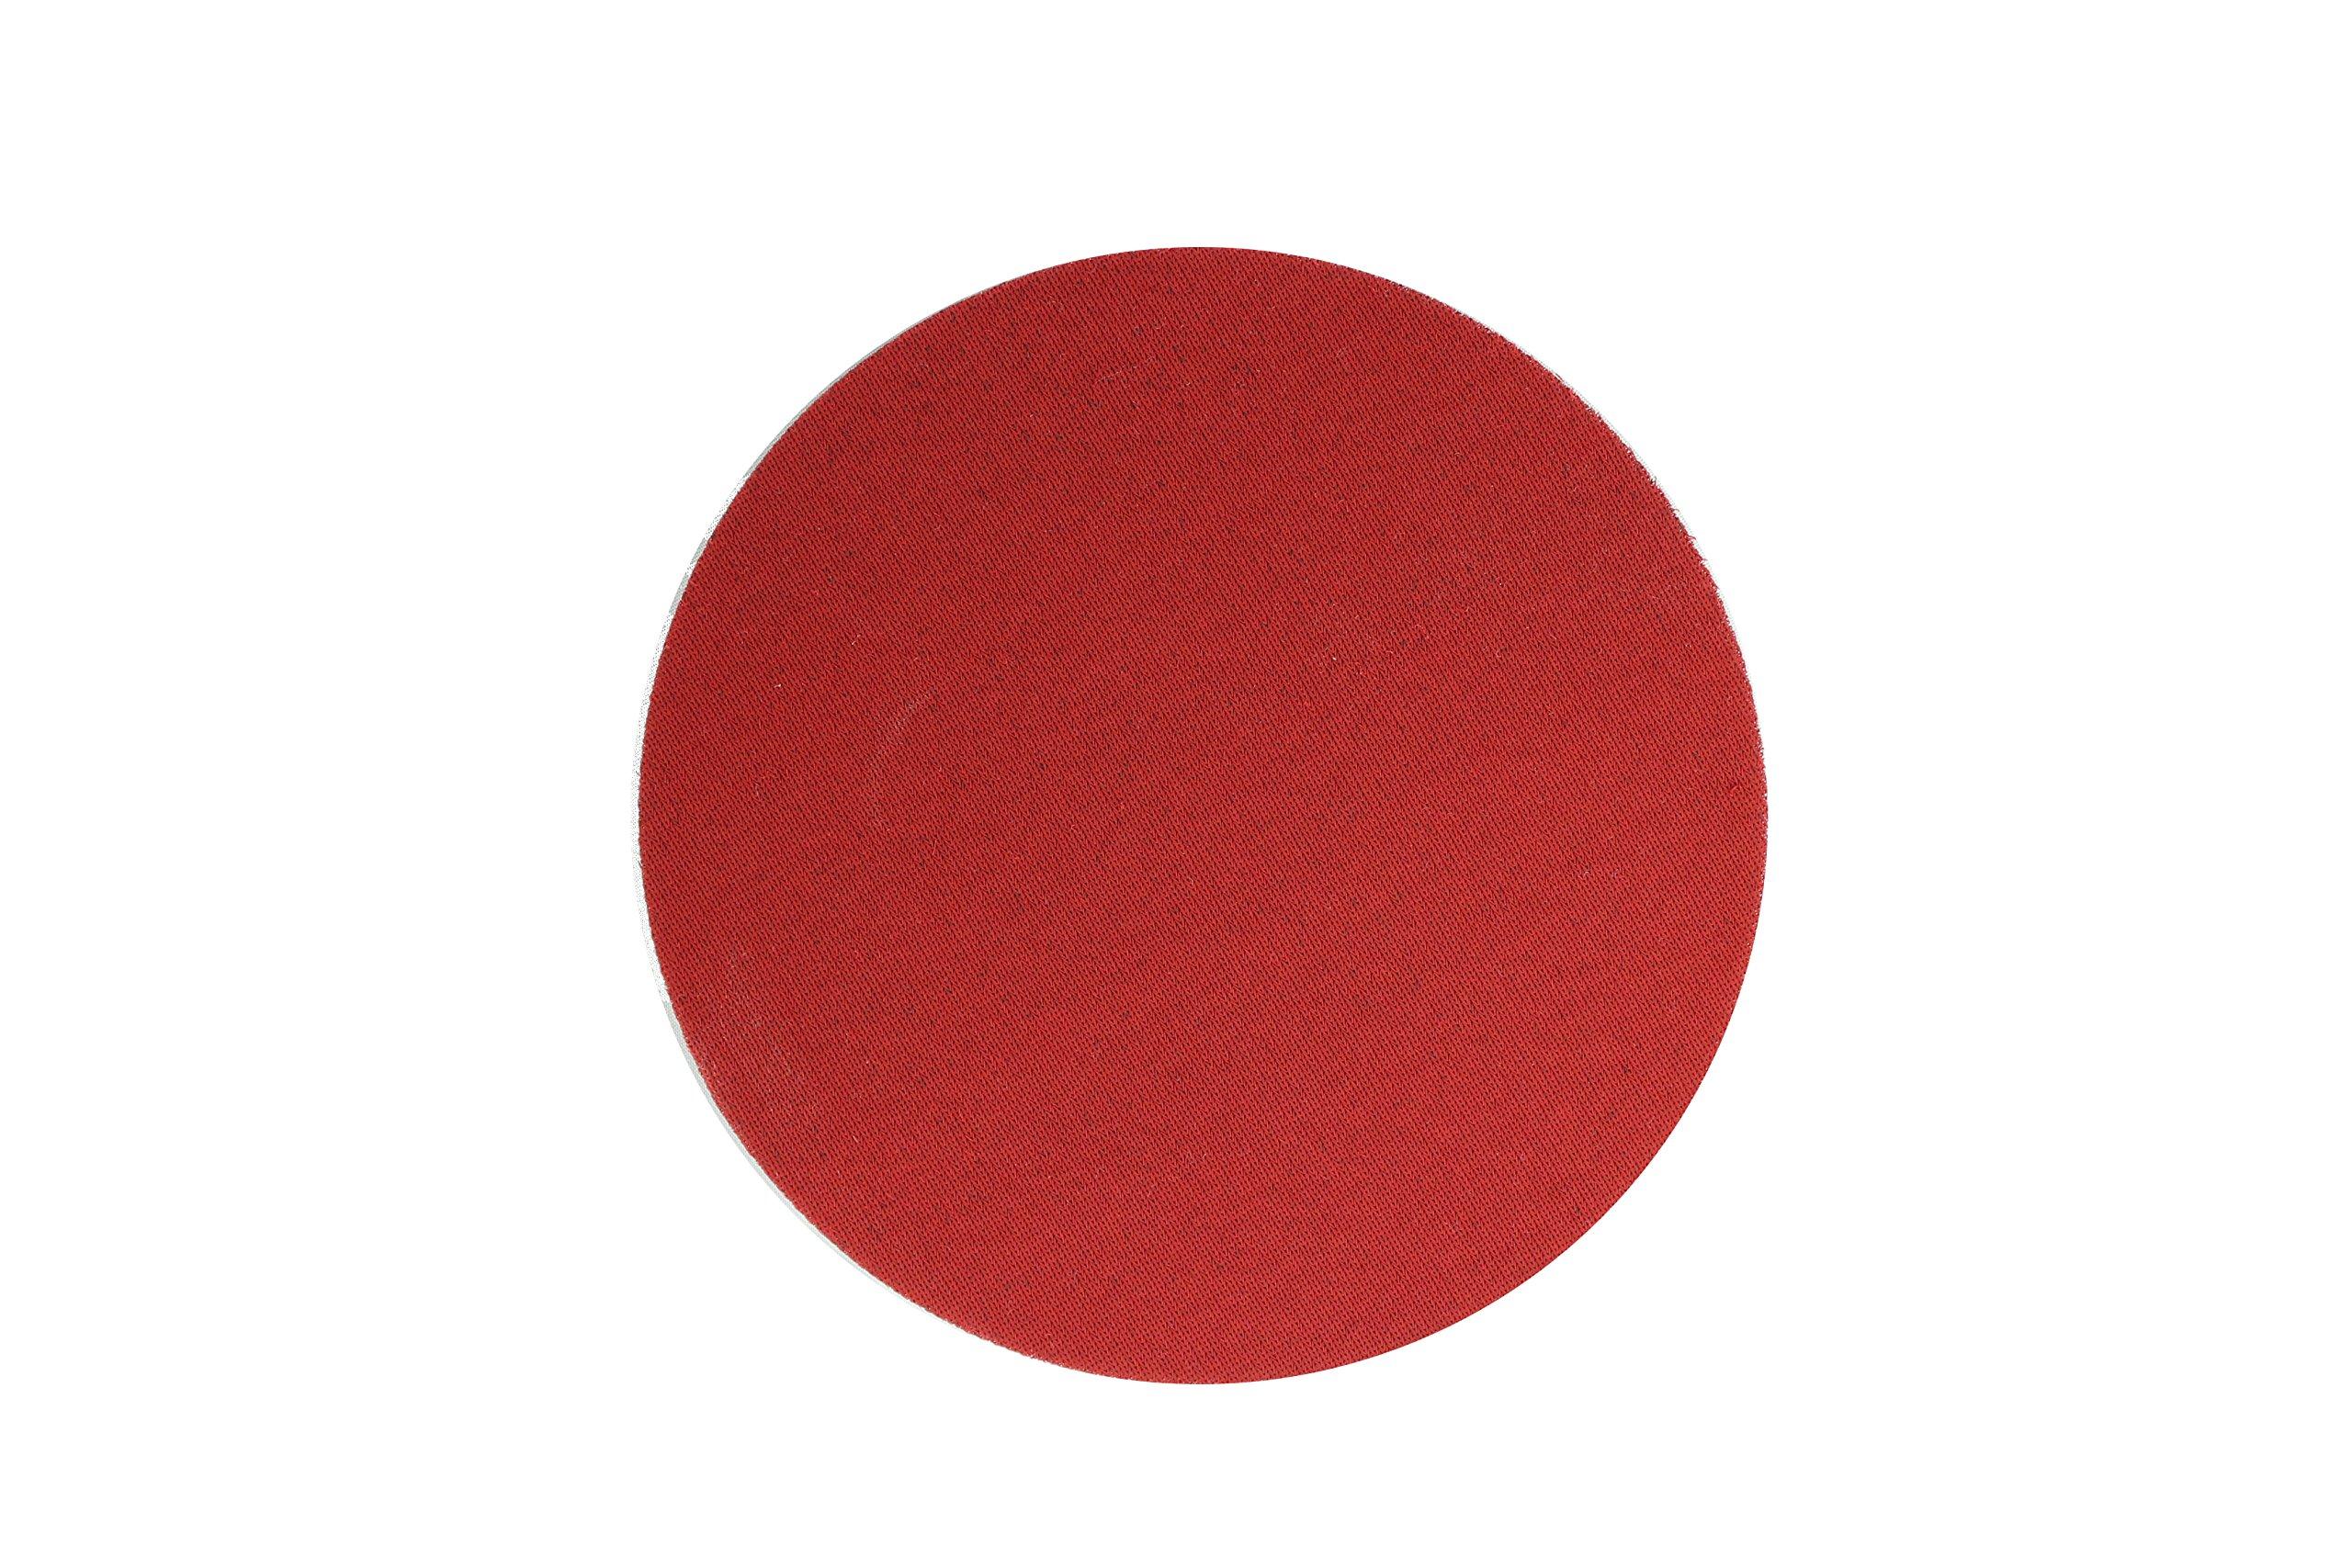 Sunmight 96223 6'' No Hole Velcro Foam Disc (Sunfoam Grit 2000)